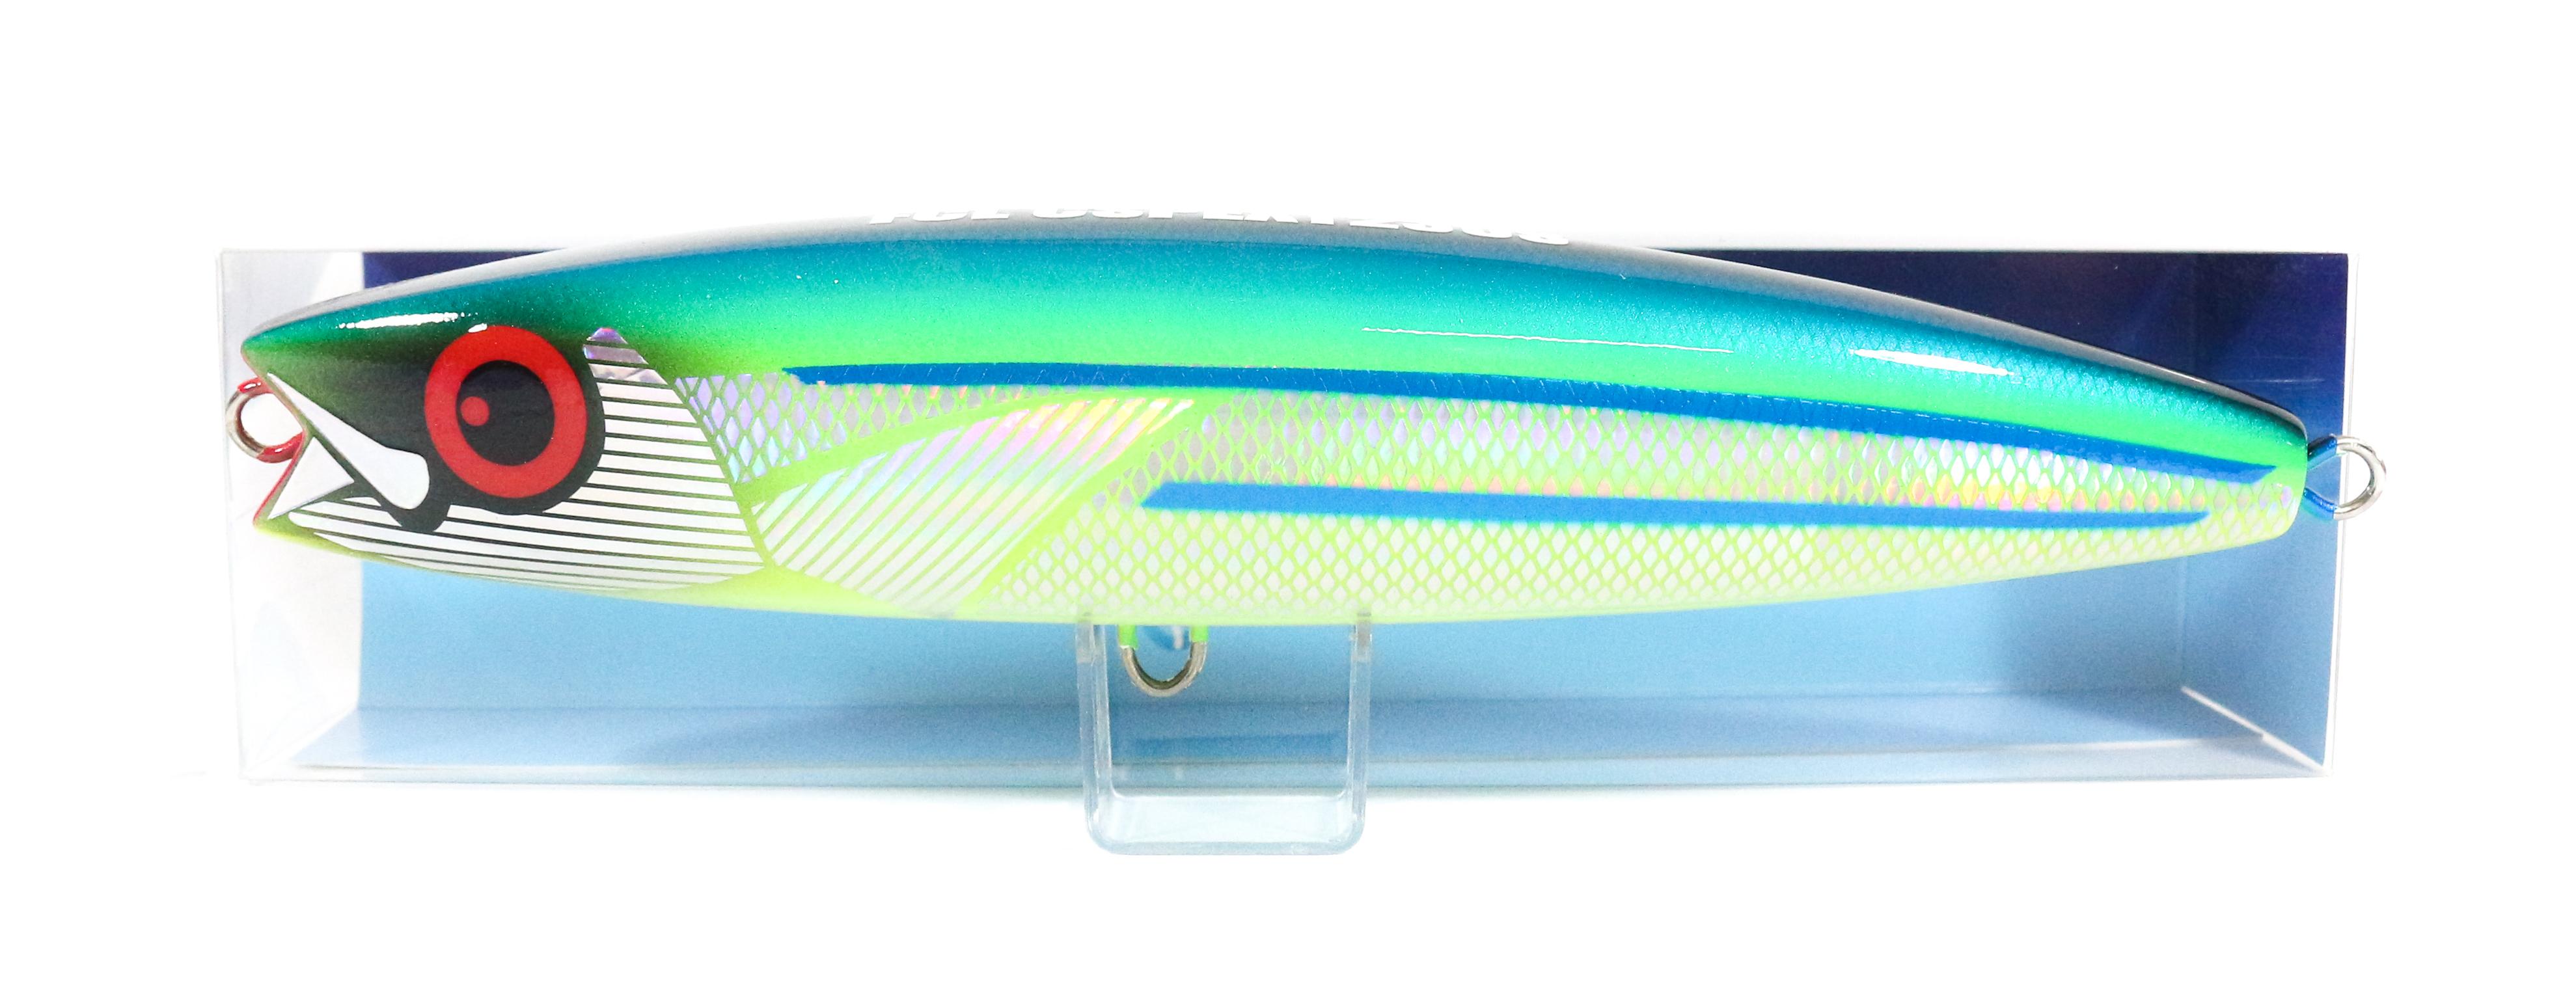 Sale FCL Labo Stick Bait CSP EXT 230S Sinking Lure 215 grams RR (9332)